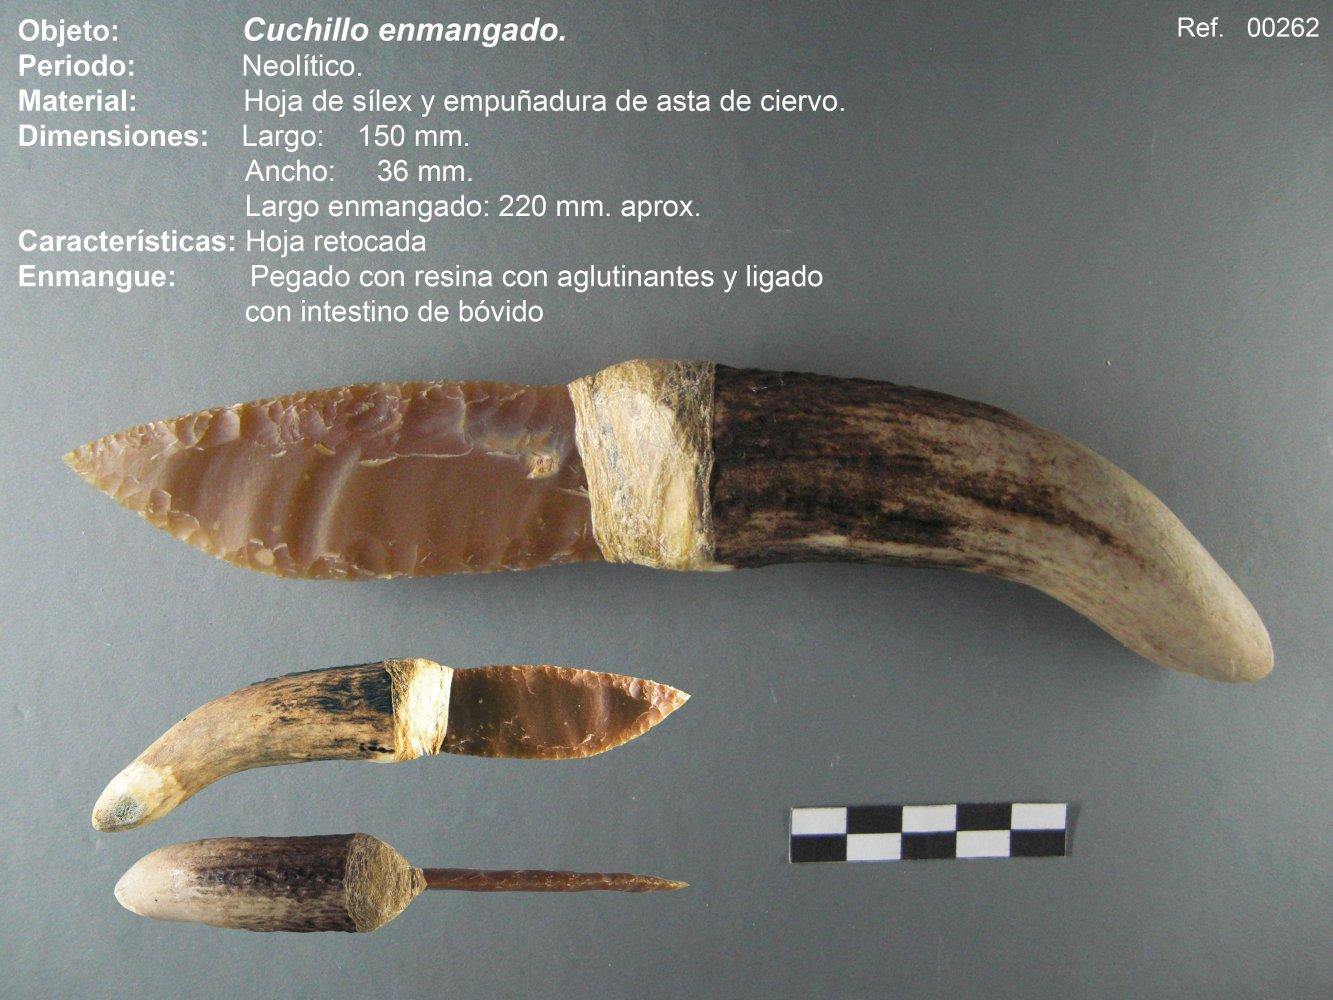 00262 Cuchillo neolítico